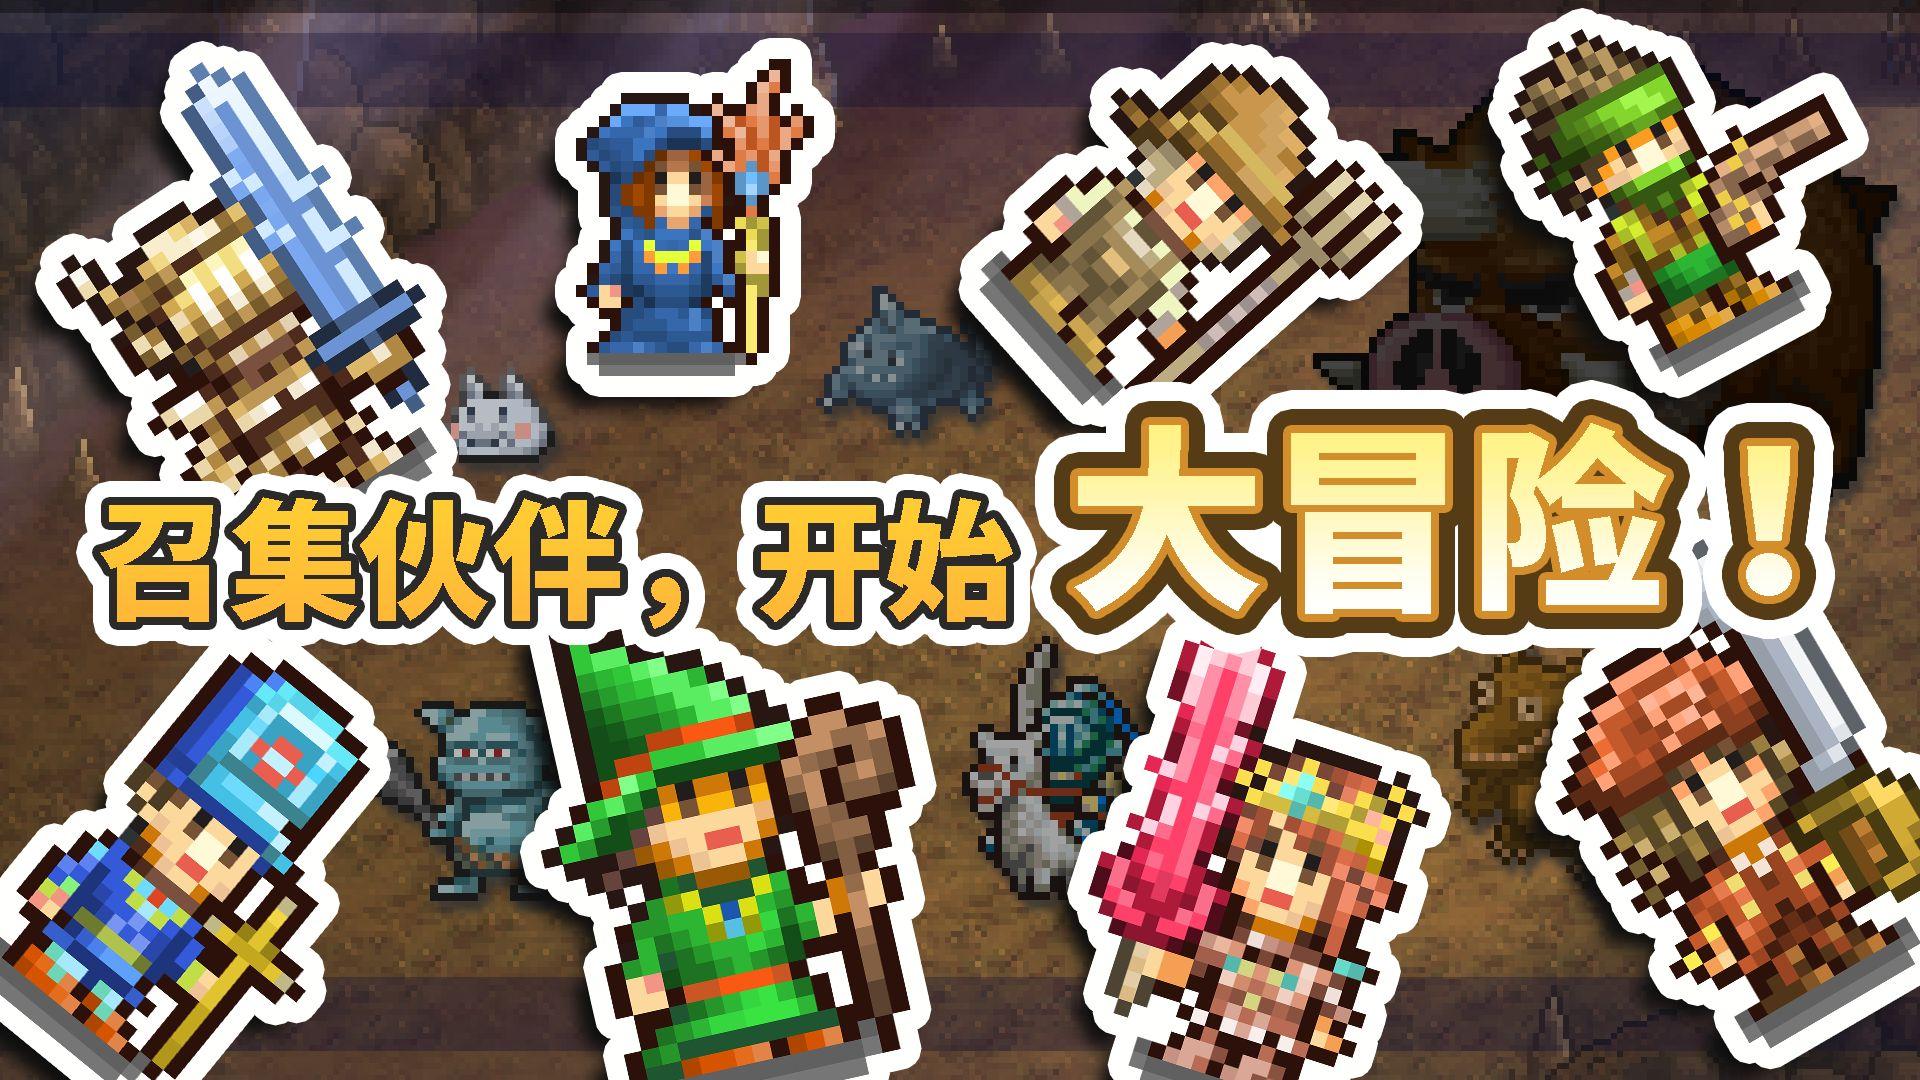 王都创世物语(国际服) 游戏截图2